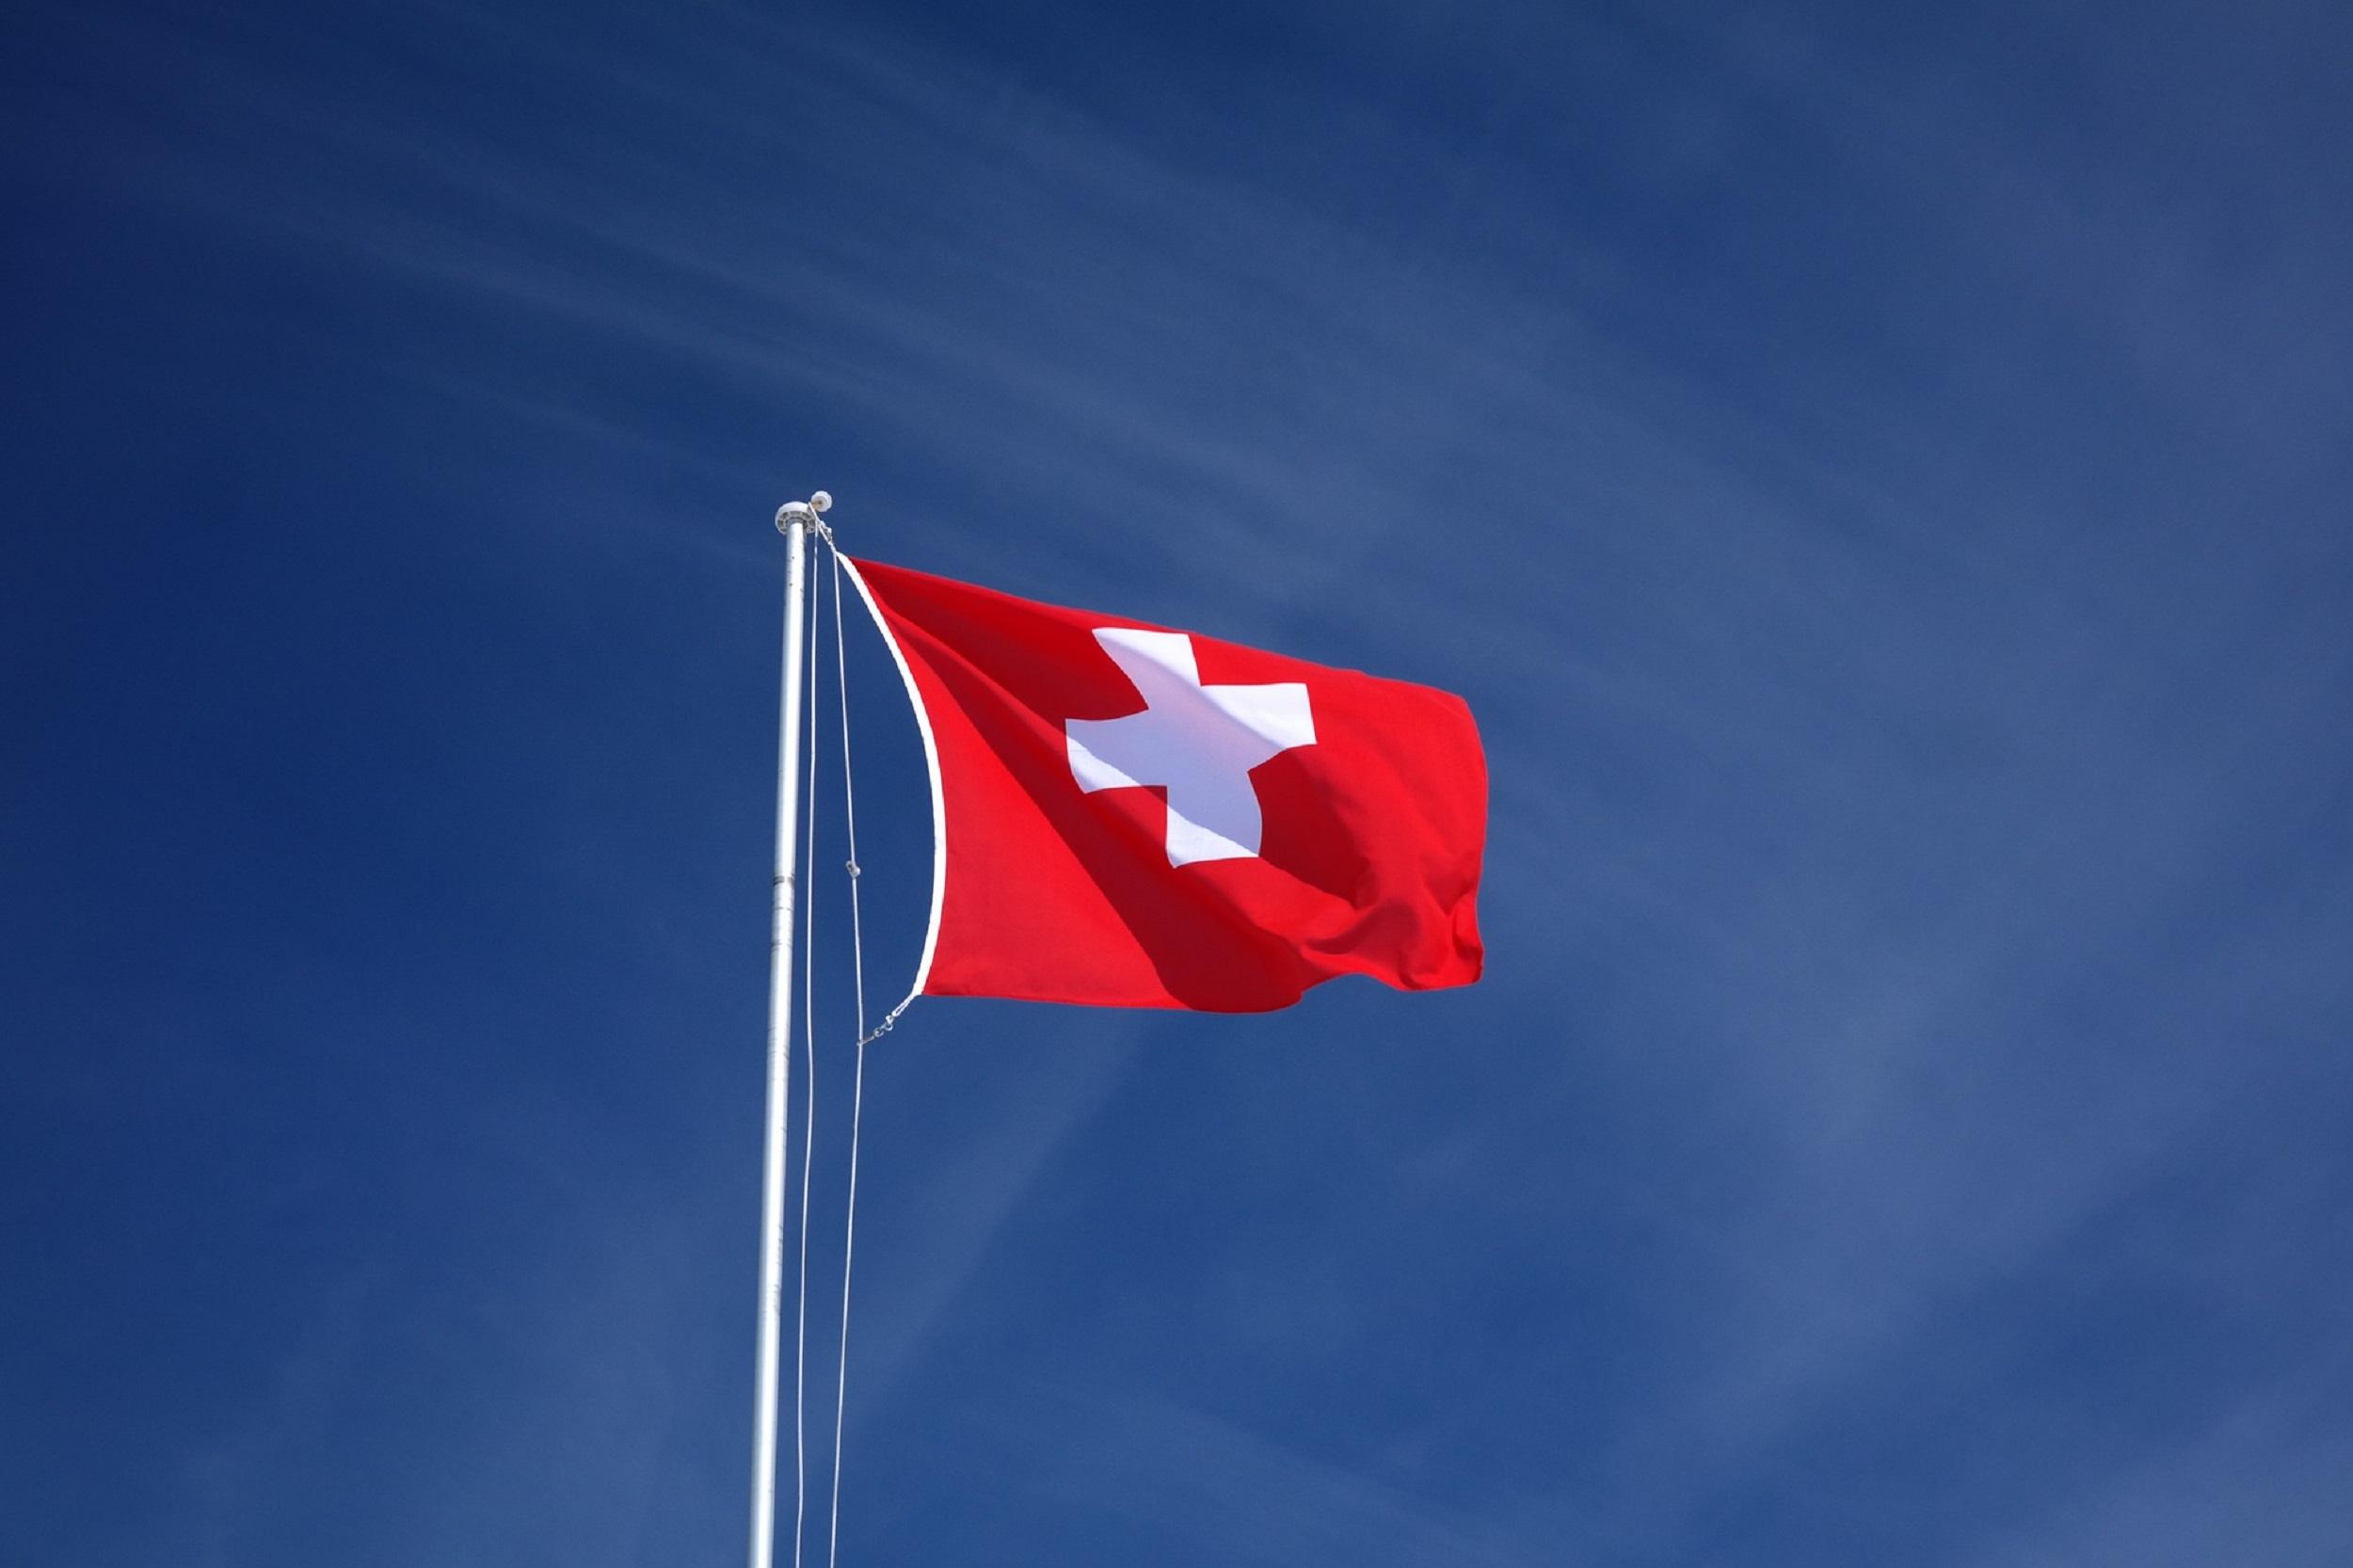 Mia a été retrouvée en Suisse, dans le canton de Vaud. (image Hans Braxmeier de Pixabay)